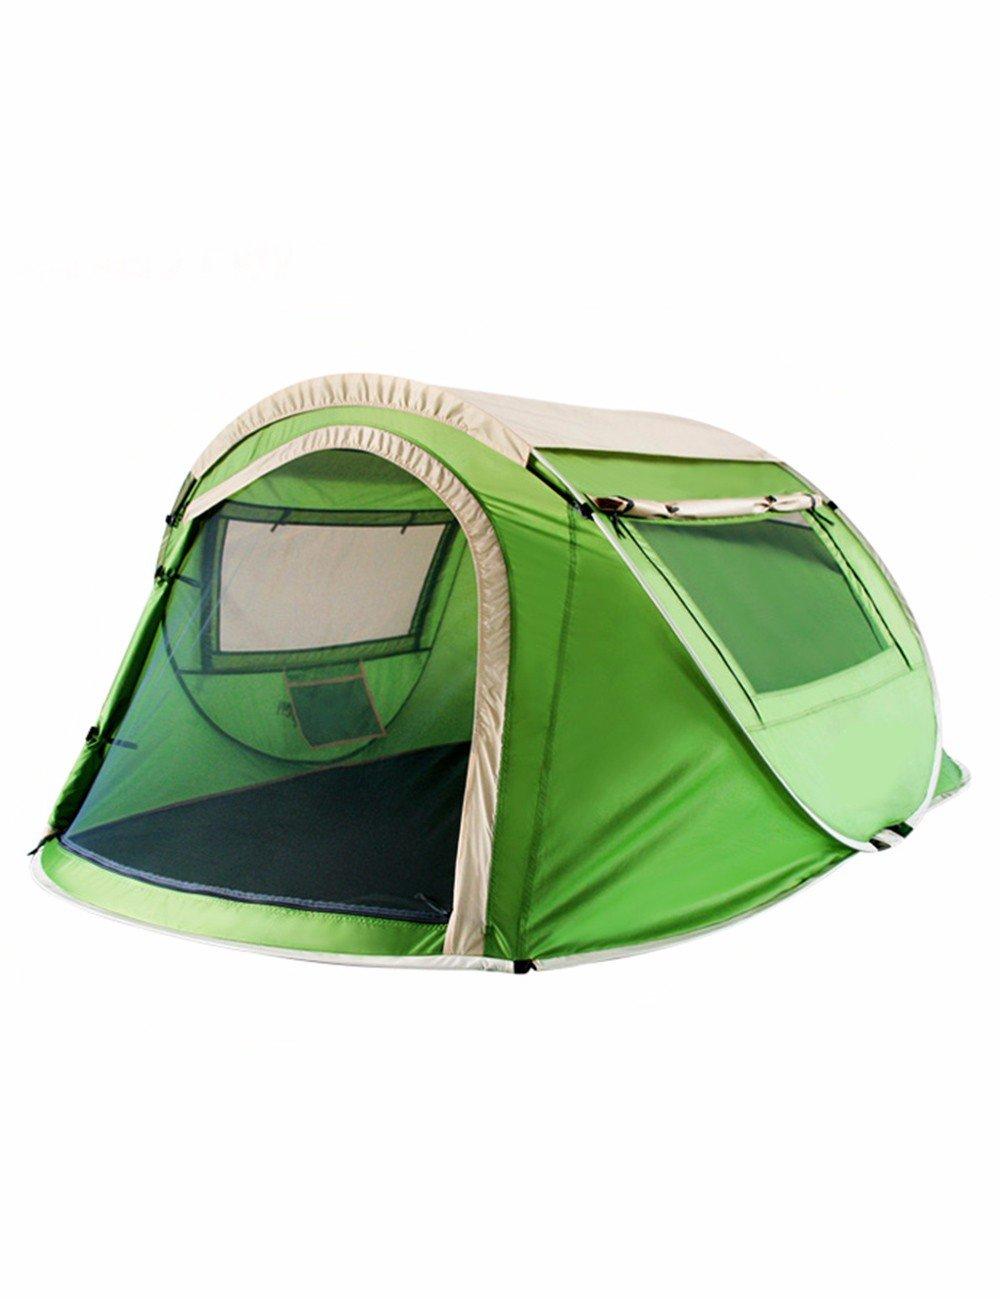 SJQKA-zelte, bereich camping zelte, outdoor - familie anzug, doppel - self - drive, strand camping, wasserdicht,b